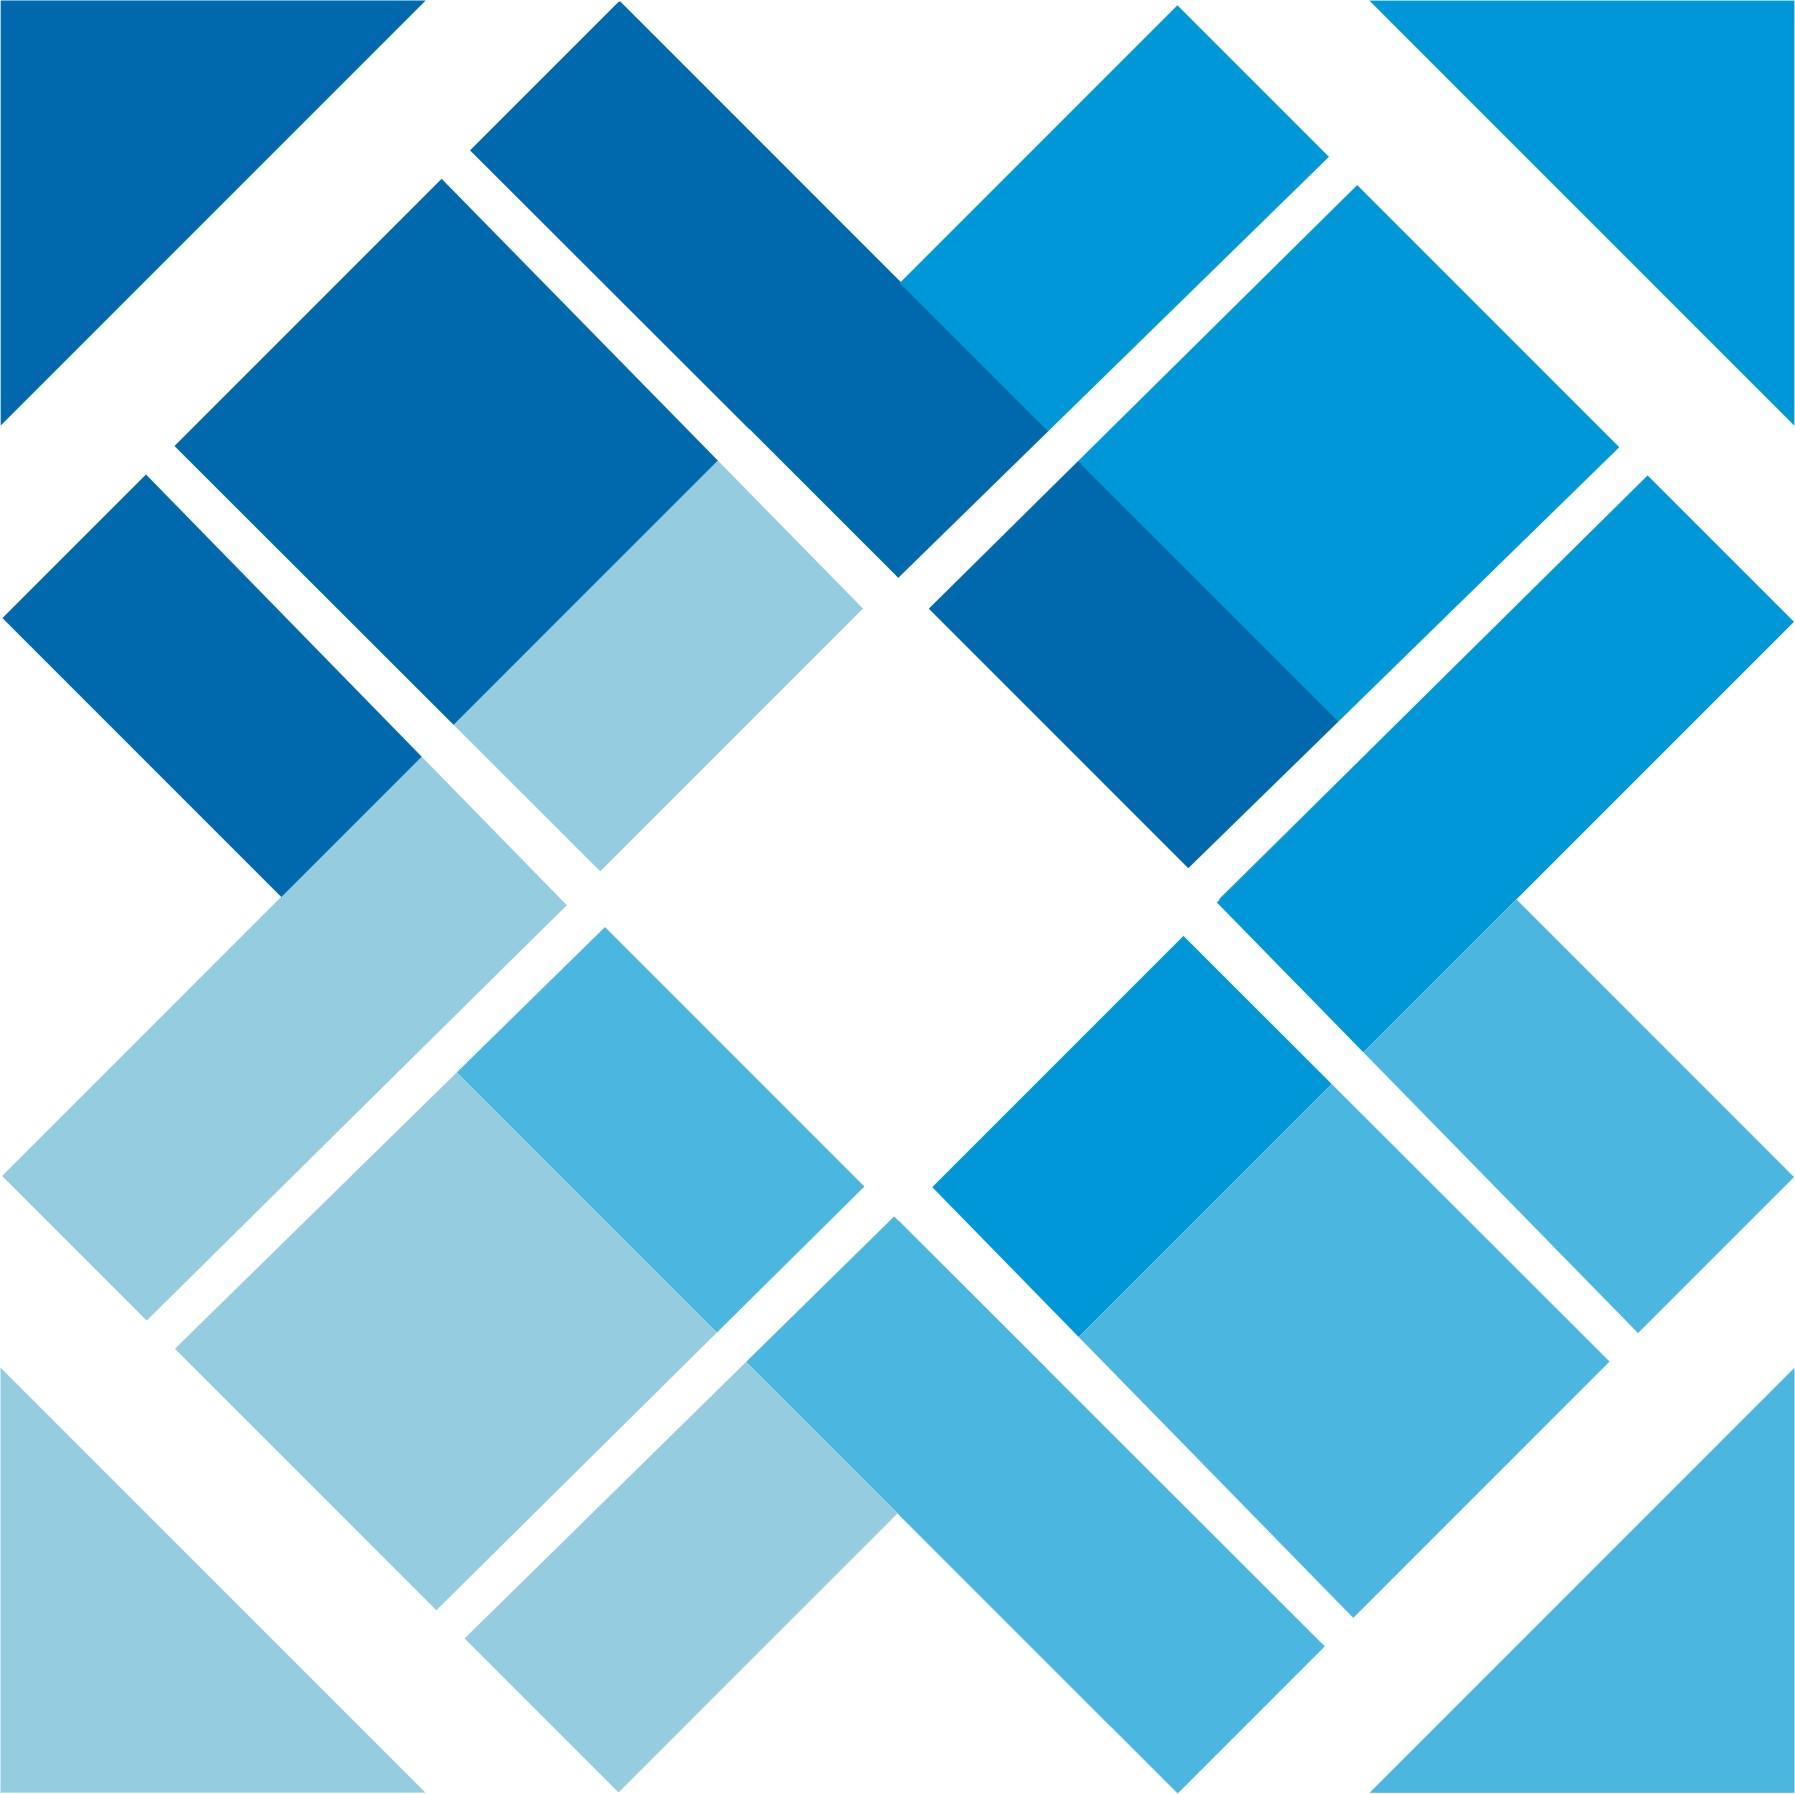 中国美术学院创意产业发展公司官网图片